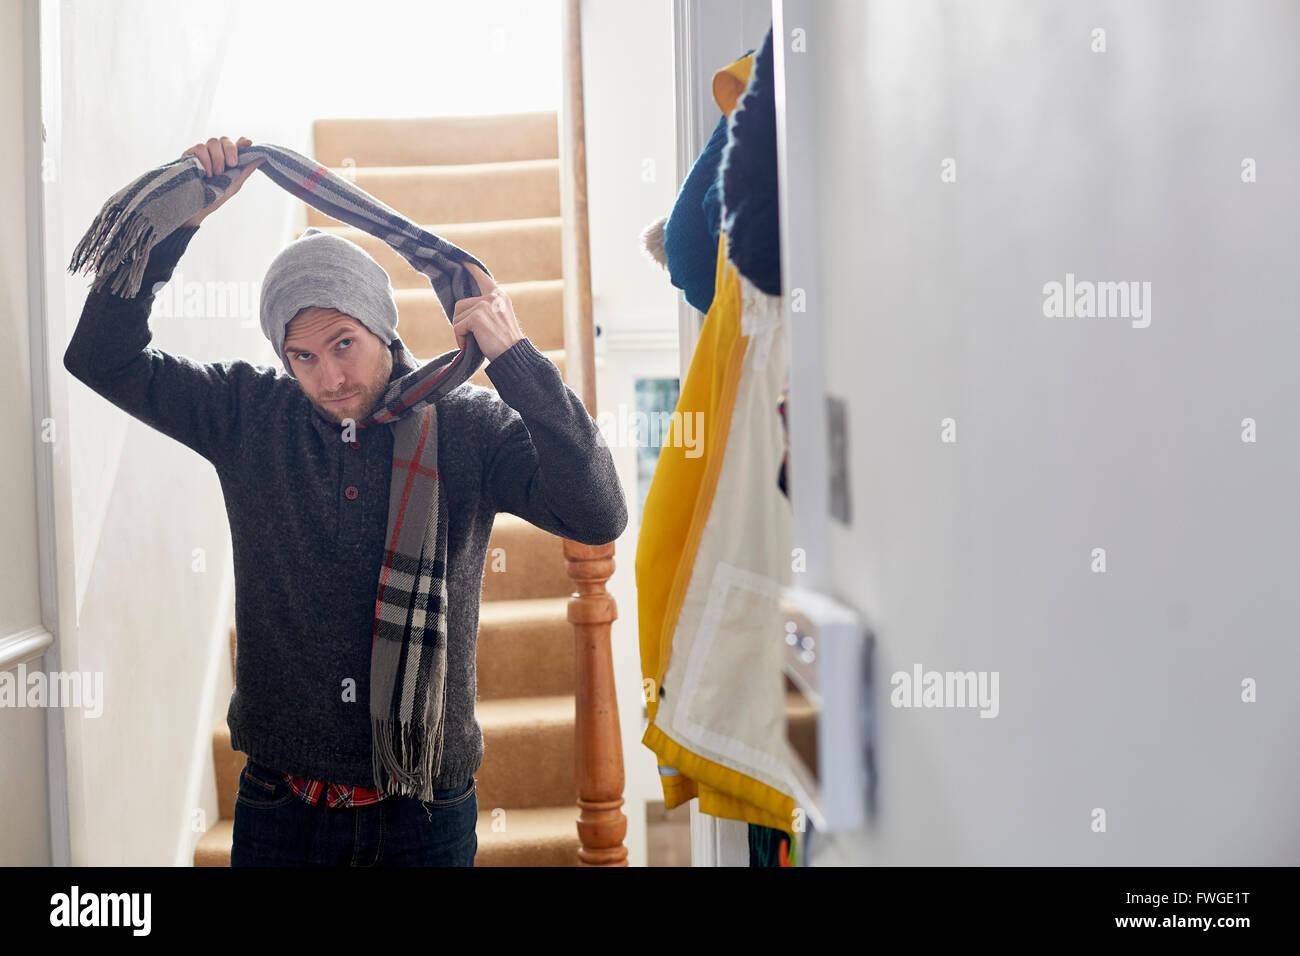 Un homme dans un manteau d'hiver, bonnet et écharpe d'arriver chez lui, en tenant l'écharpe. Photo Stock